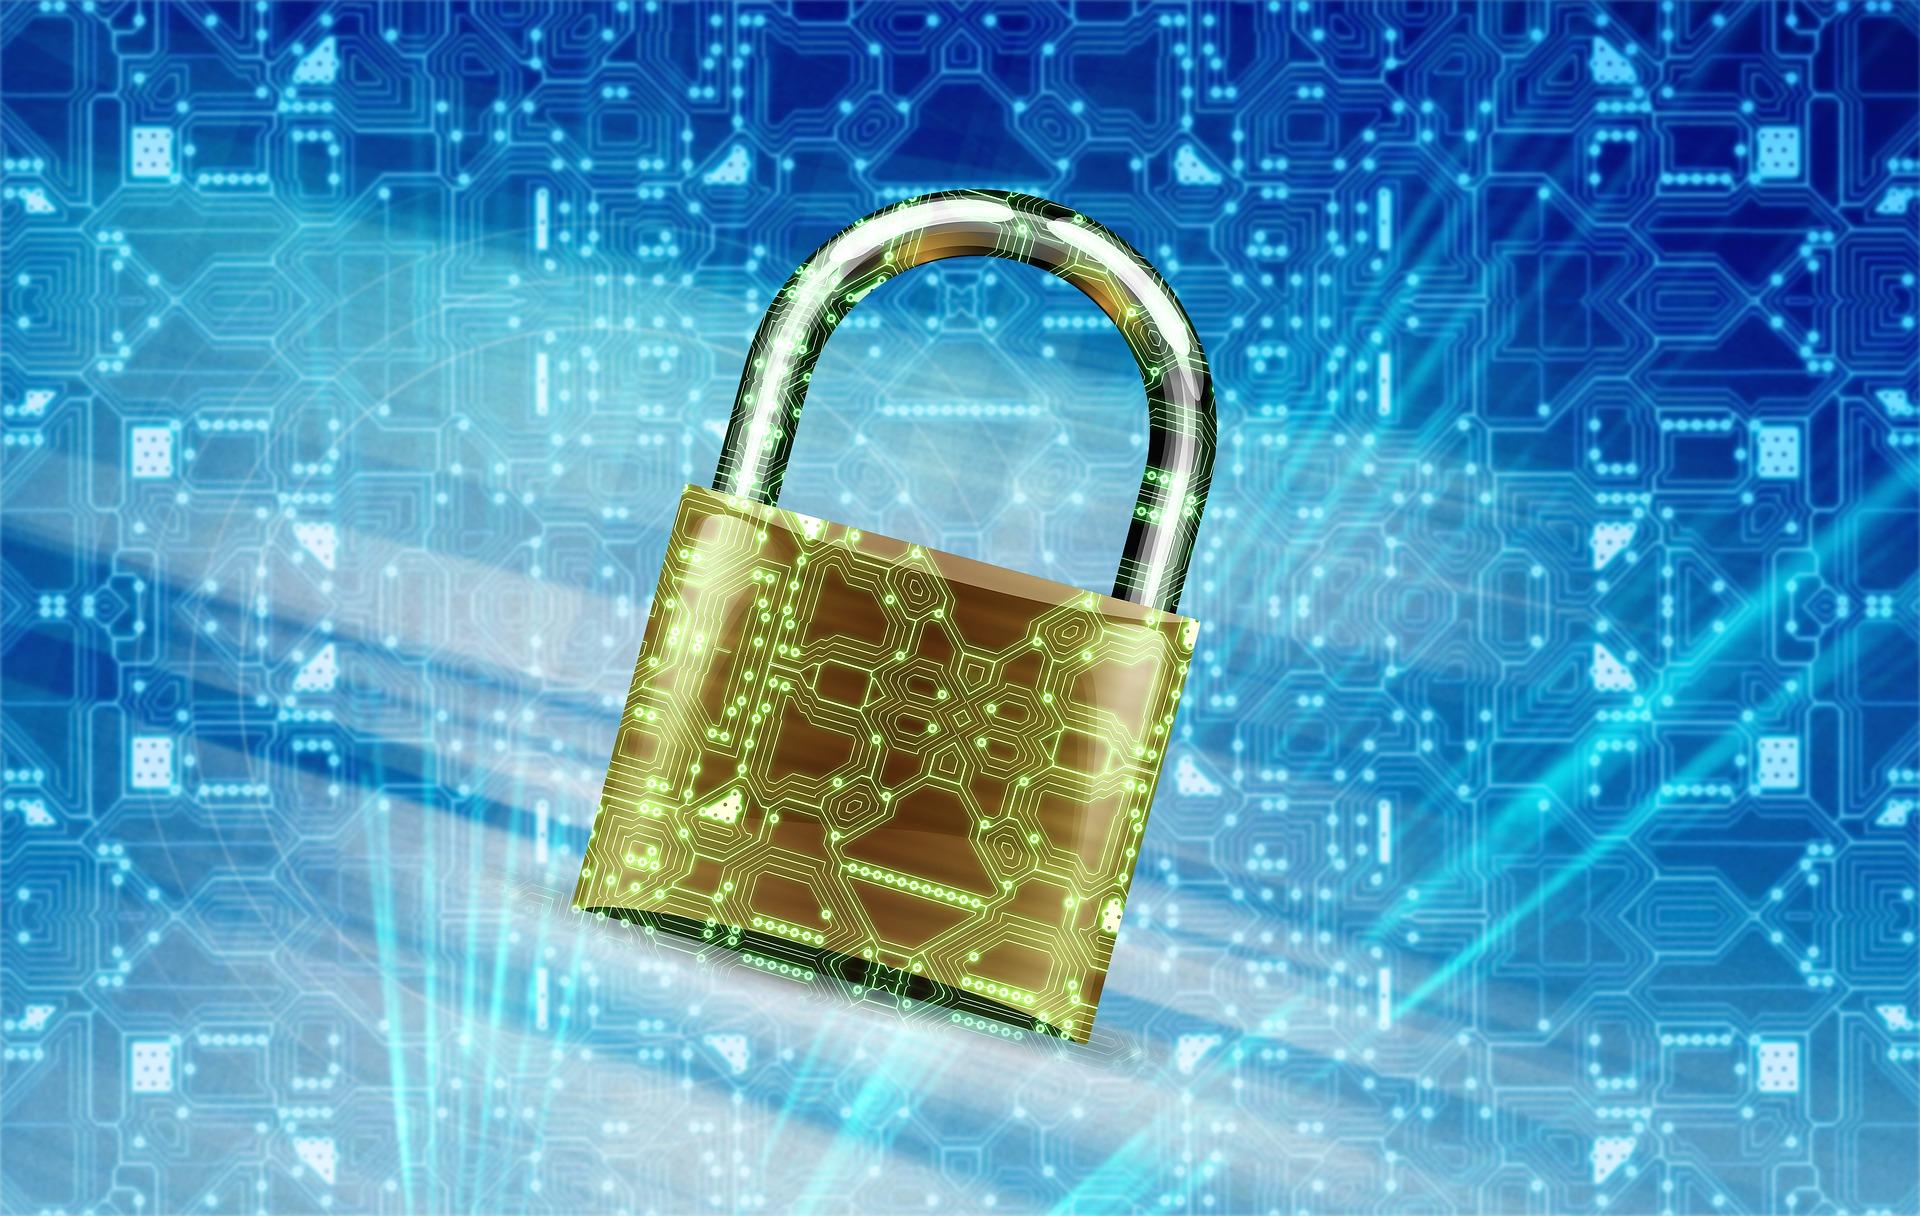 informatikai biztonság, informatikai karbantartás, adatmentés, mentési stratégia, Adatbiztonság